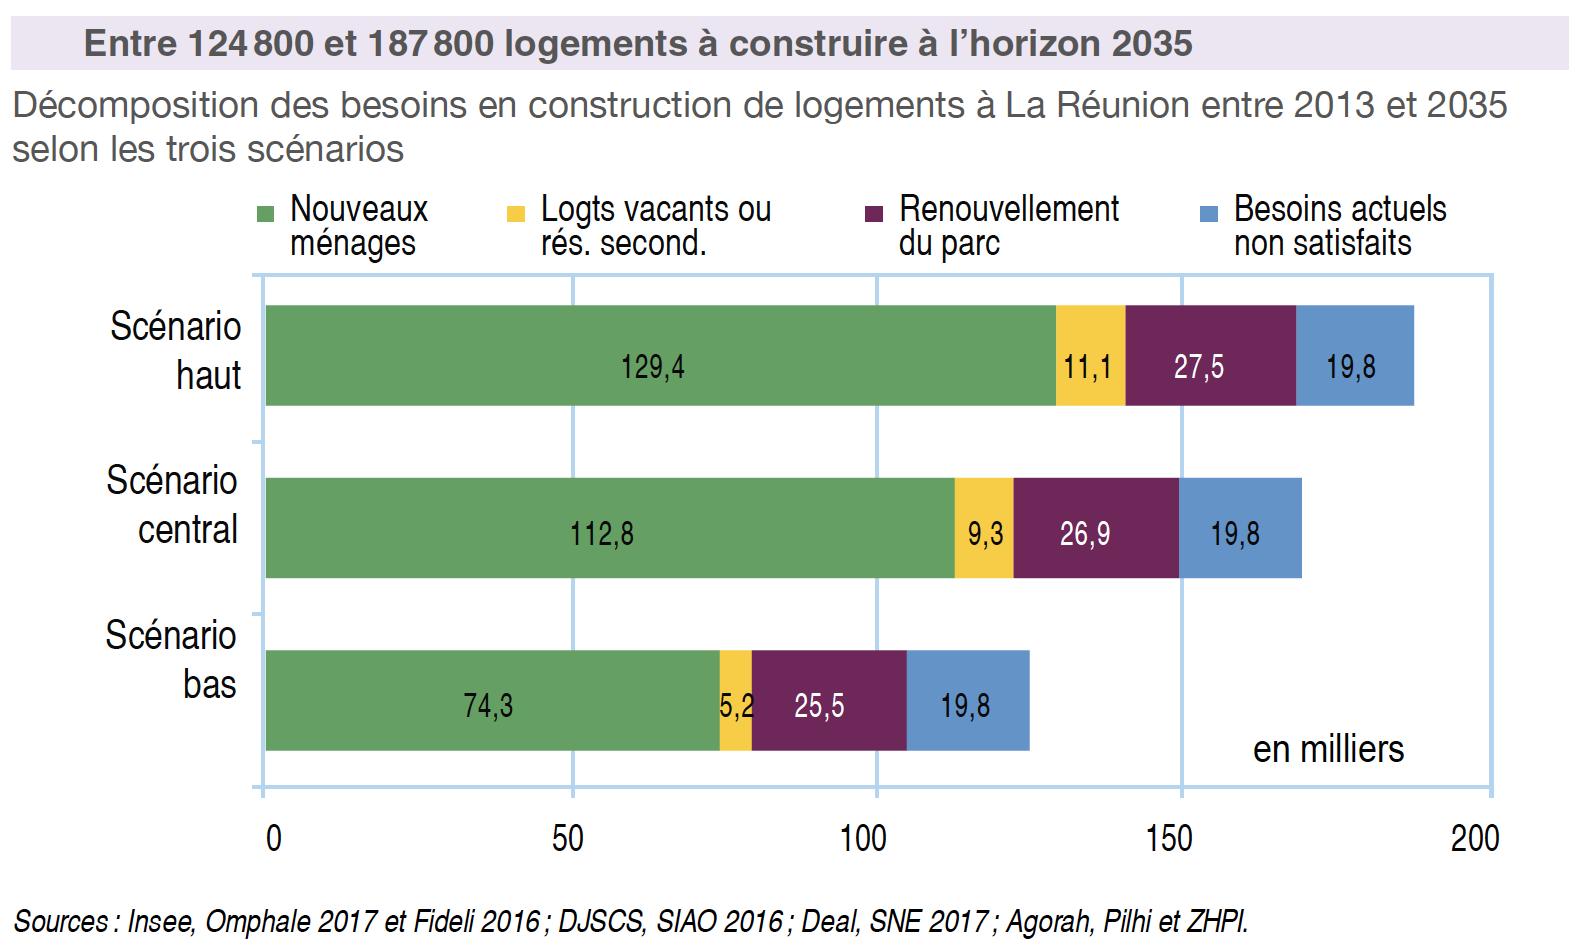 Besoin-construction-logements-Réunion-2035